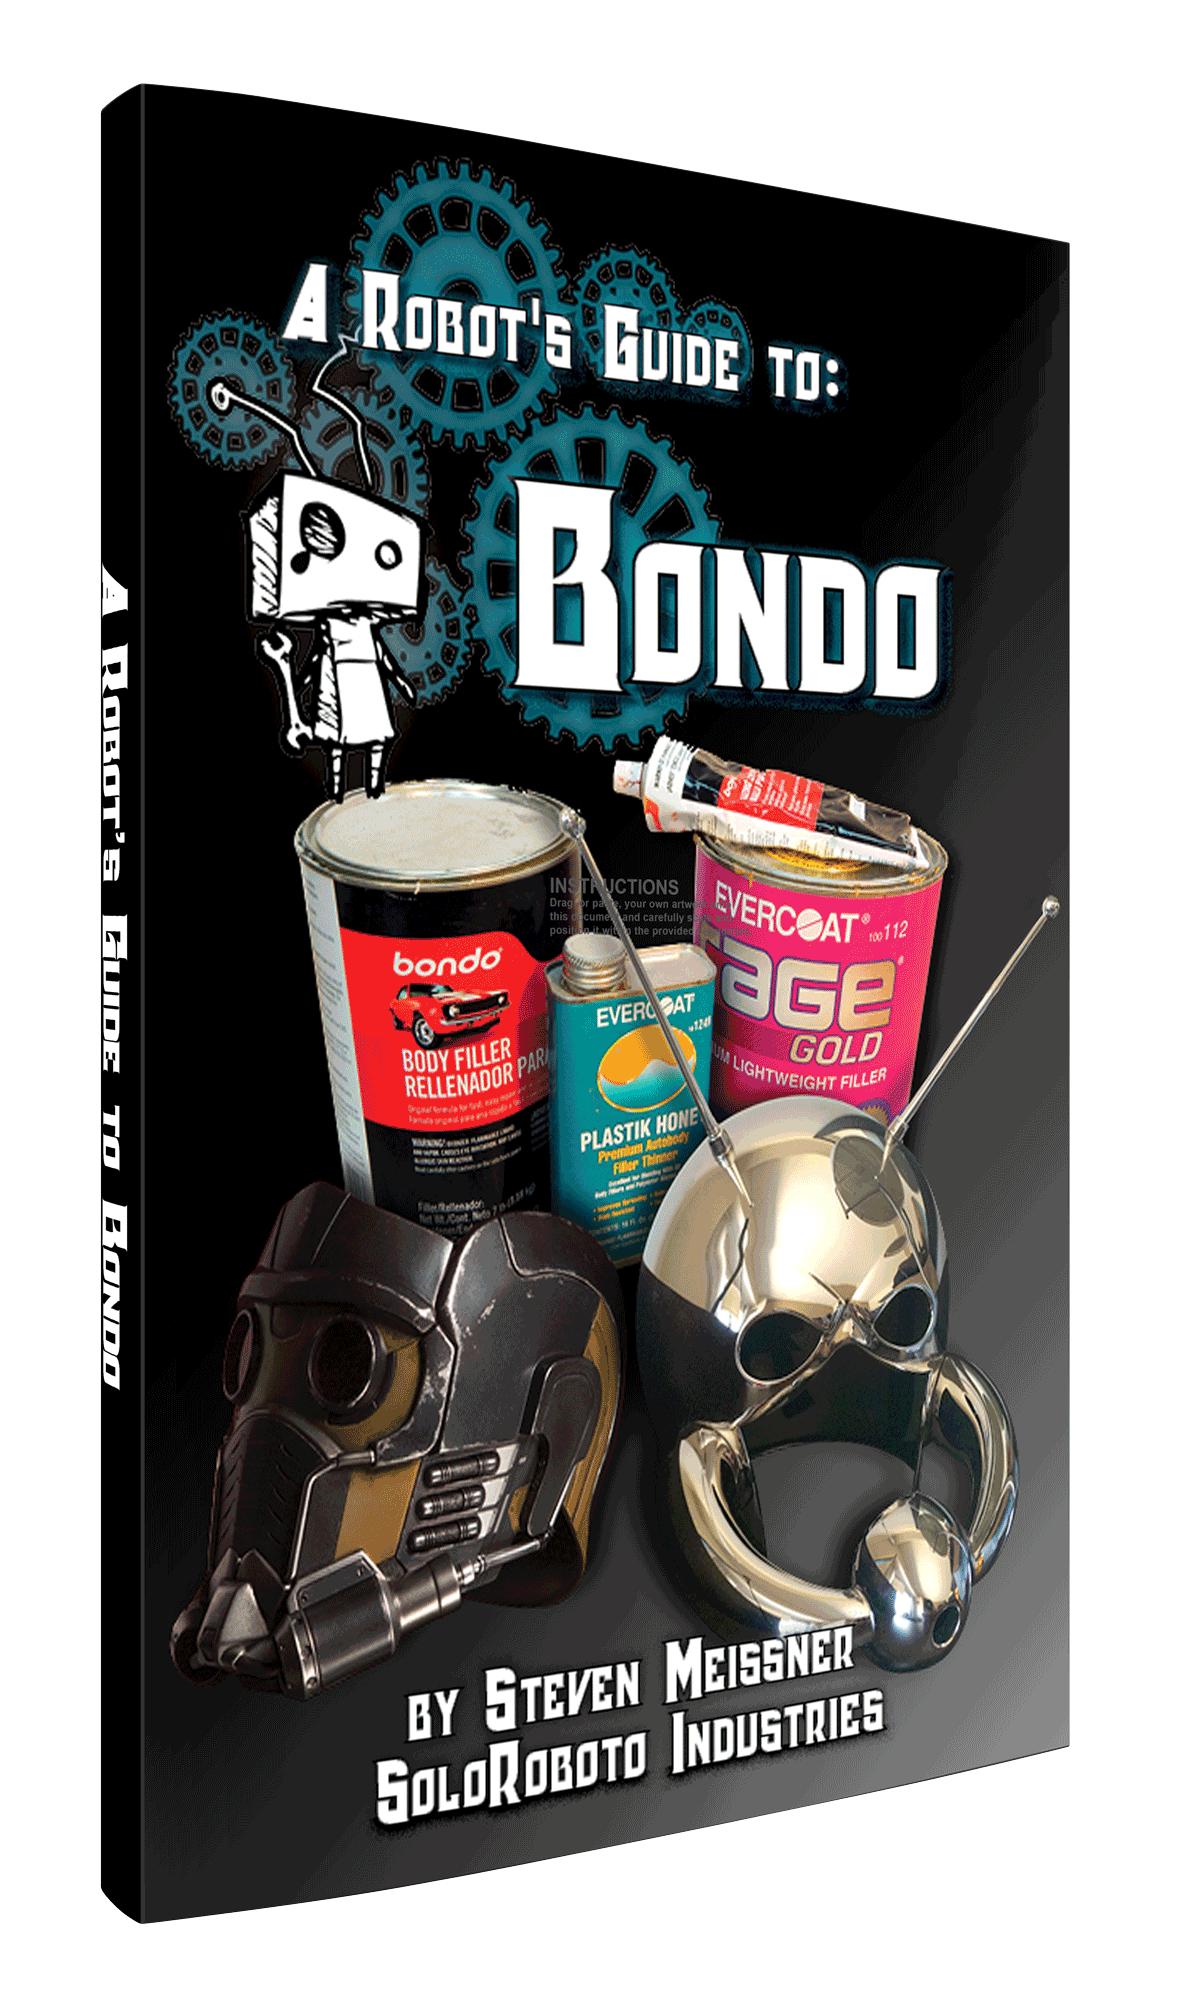 A Robot's Guide To: Bondo ...